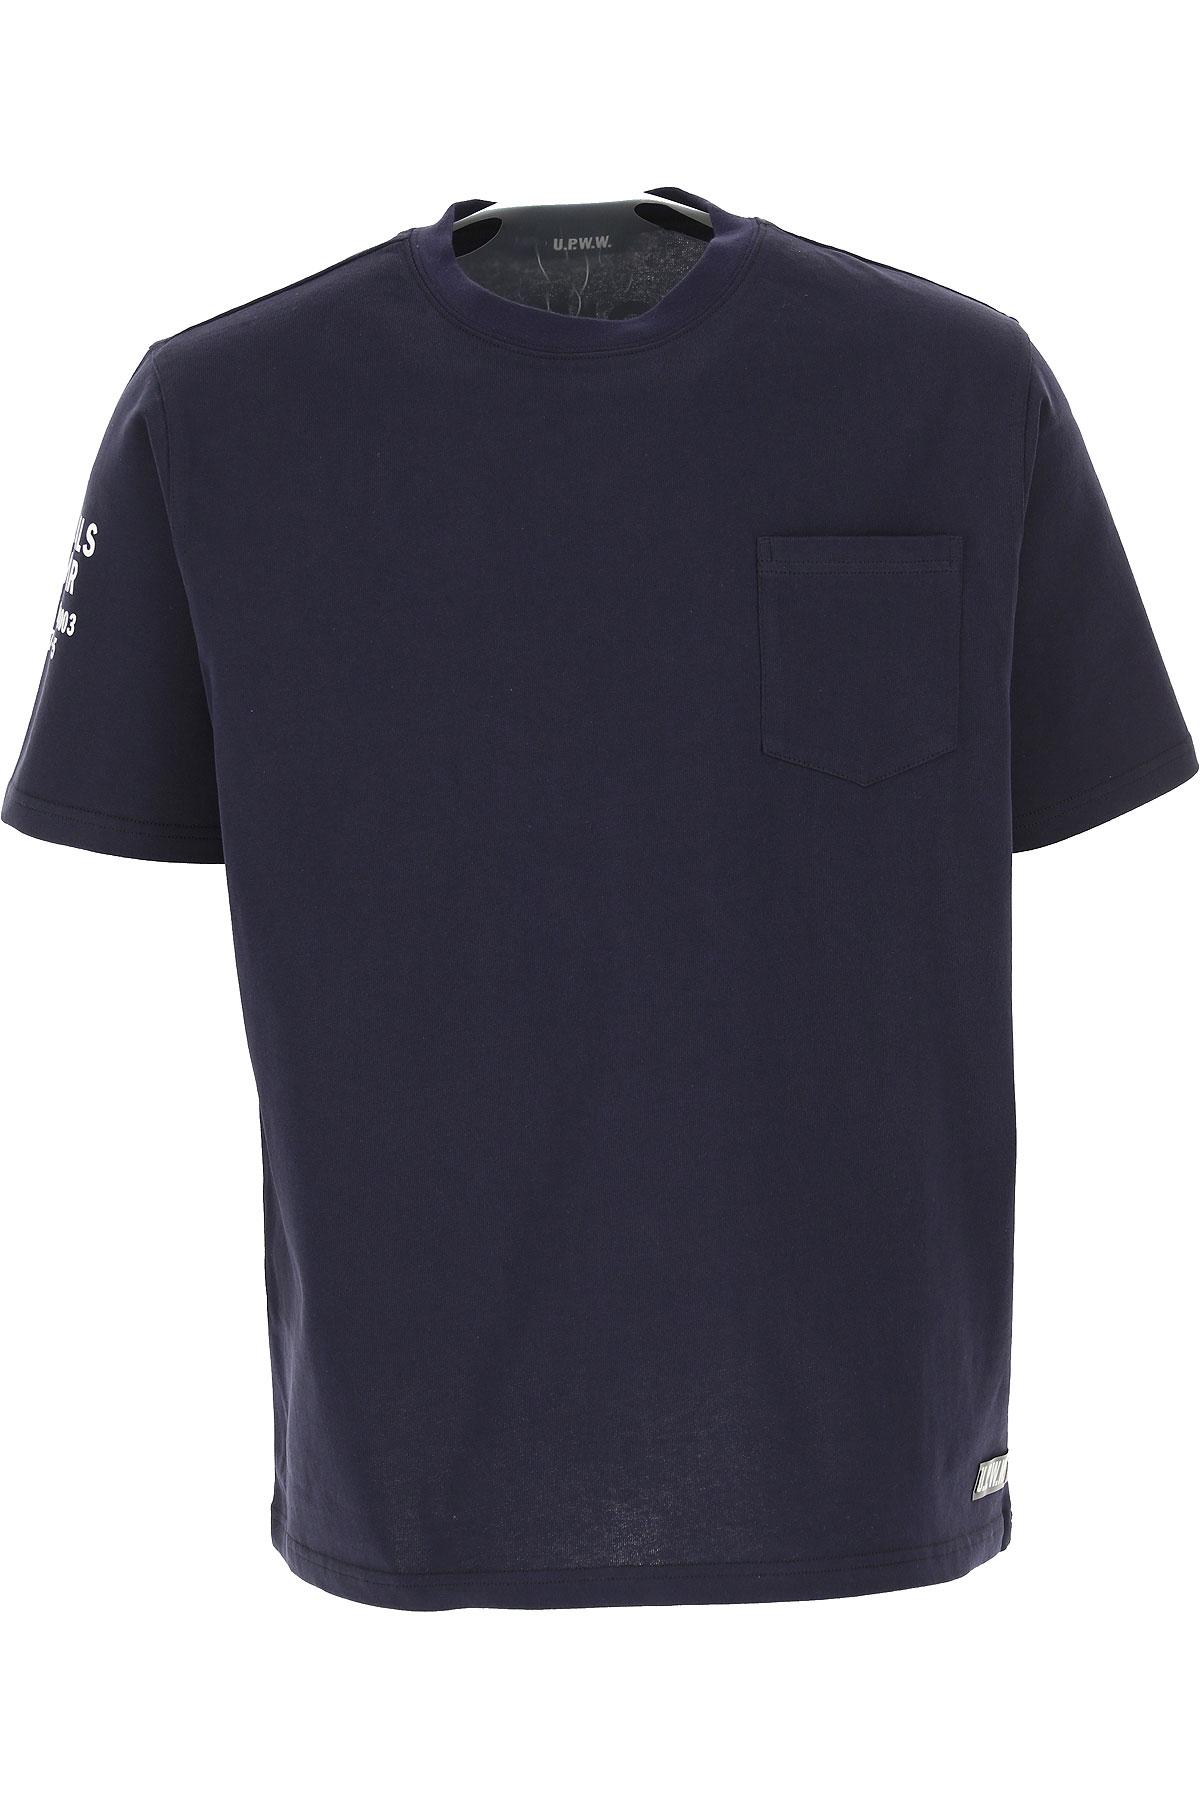 U.P.W.W. T-shirt Homme Pas cher en Soldes, Marine, Coton, 2019, L M S XL